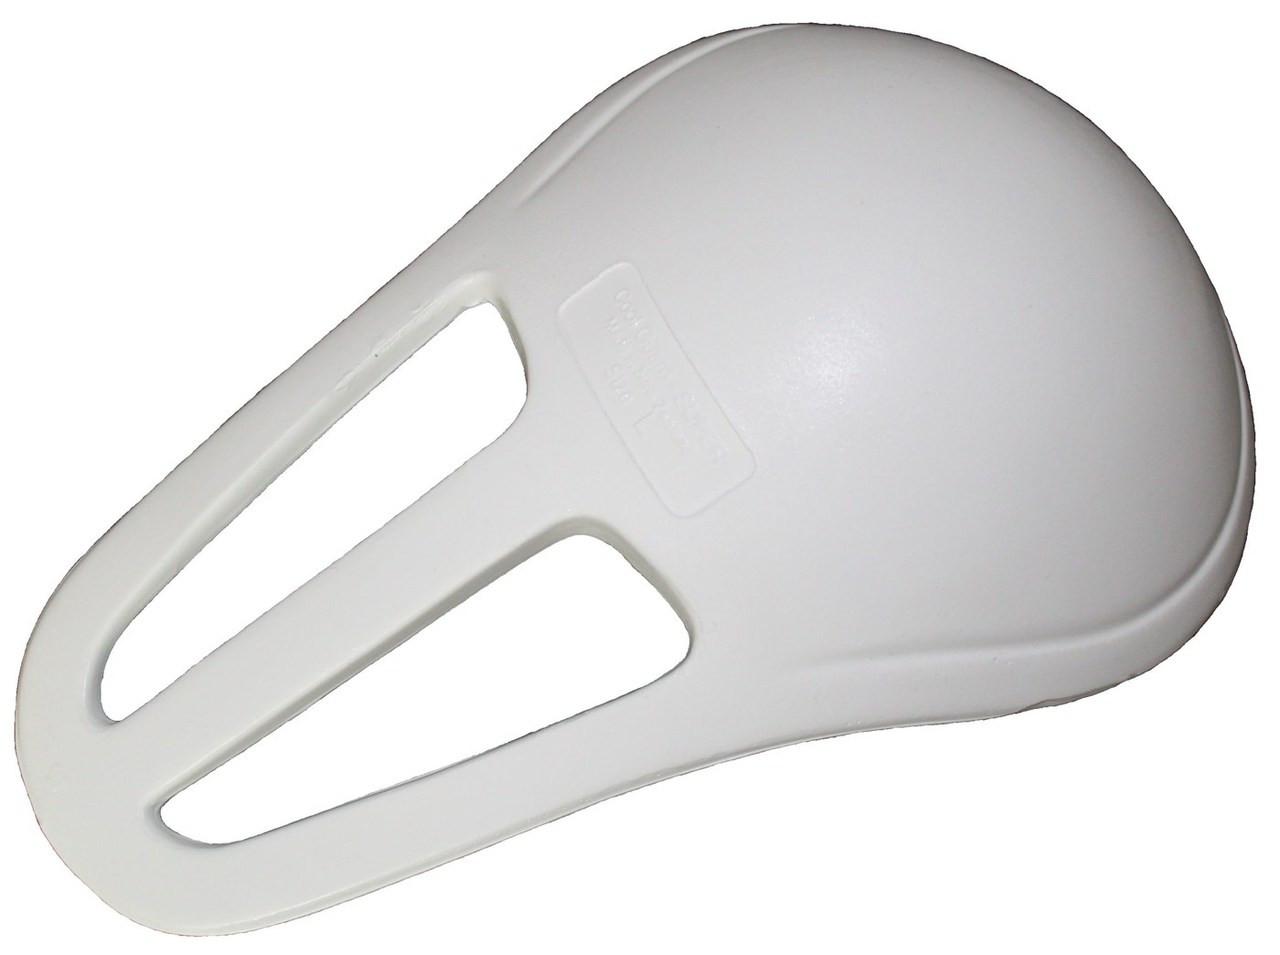 e673d8ca51 TOP TEN Light-Full Contact Insert for Sports Bra (0095-1) - Kicksport